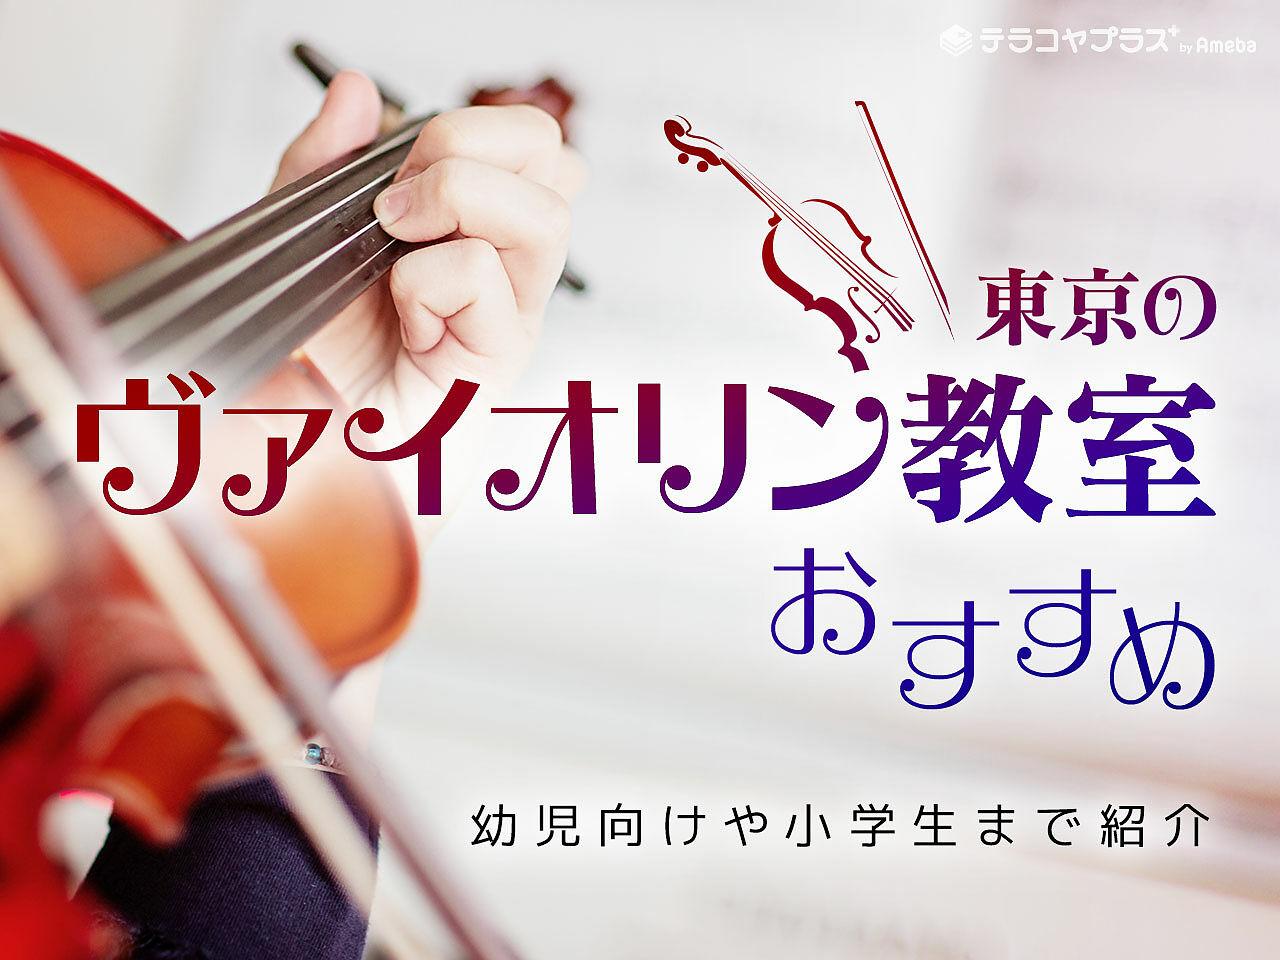 東京のヴァイオリン教室おすすめ20選【2021年】幼児向けや小学生まで紹介の画像